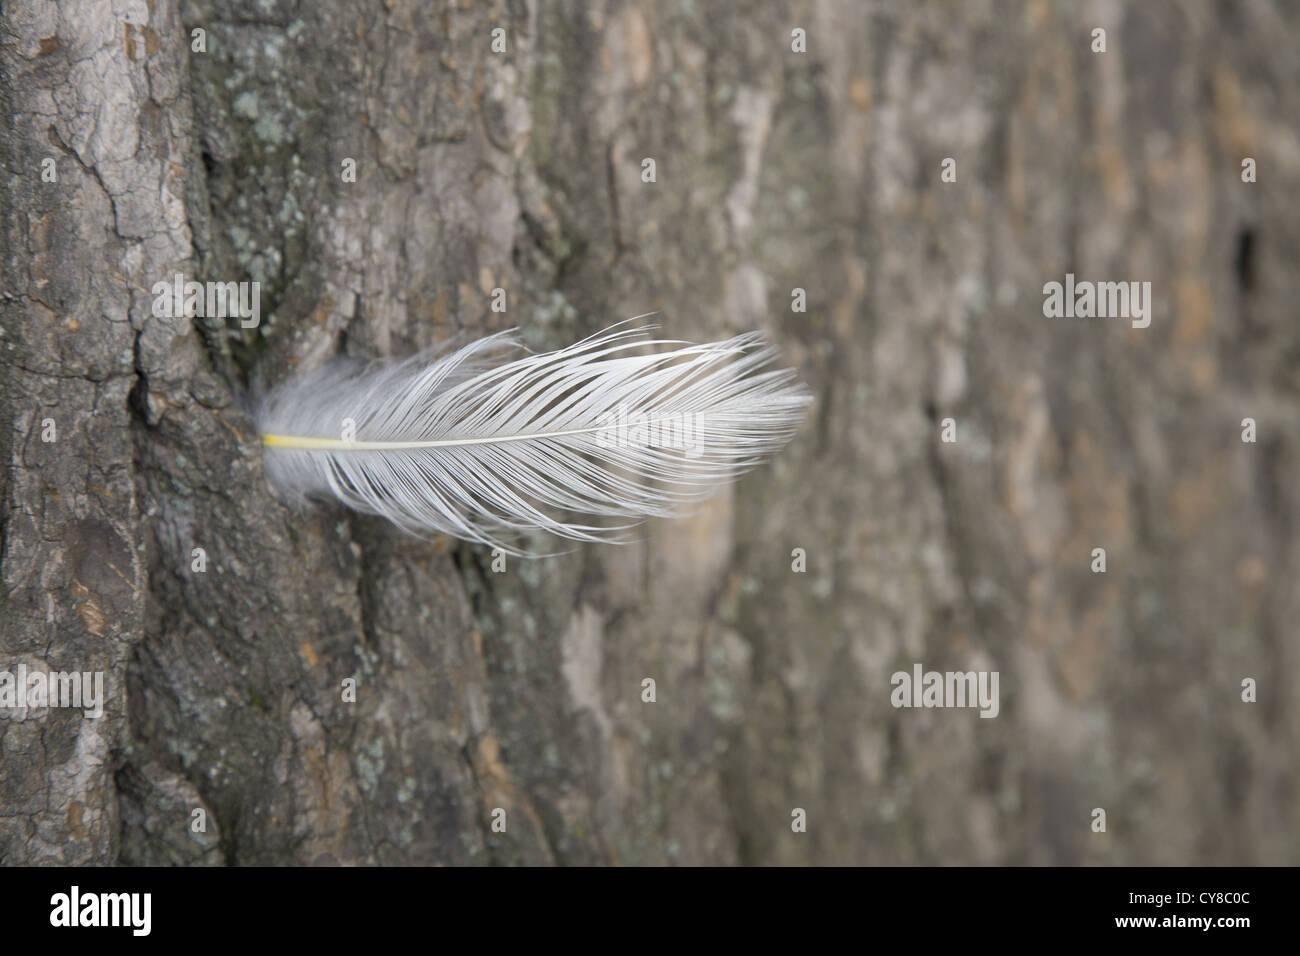 Plume d'oiseau déposée dans un tronc d'arbre, Prospect Park, Brooklyn, New York. Photo Stock